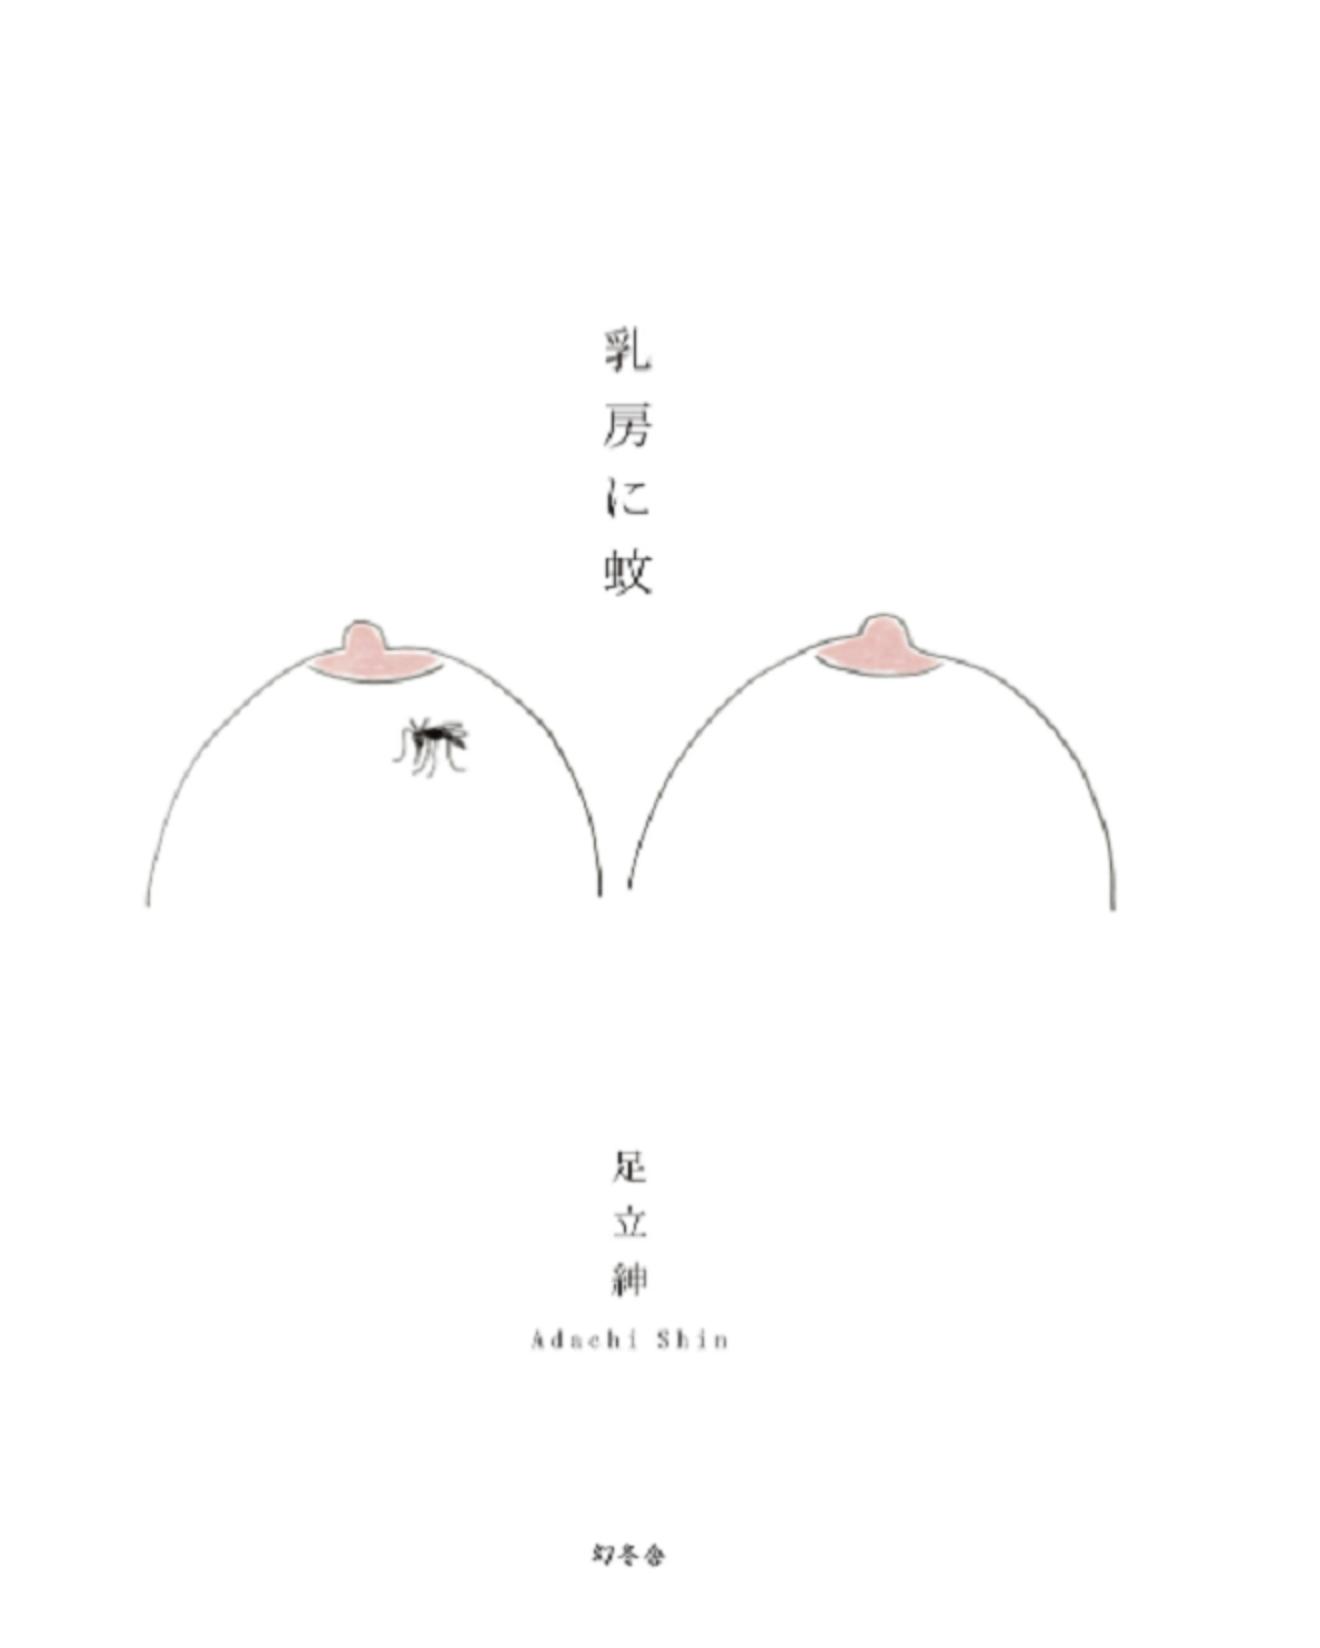 『乳房に蚊』ダメ男のレス事情が面白い!結末までの魅力をネタバレ【映画化】